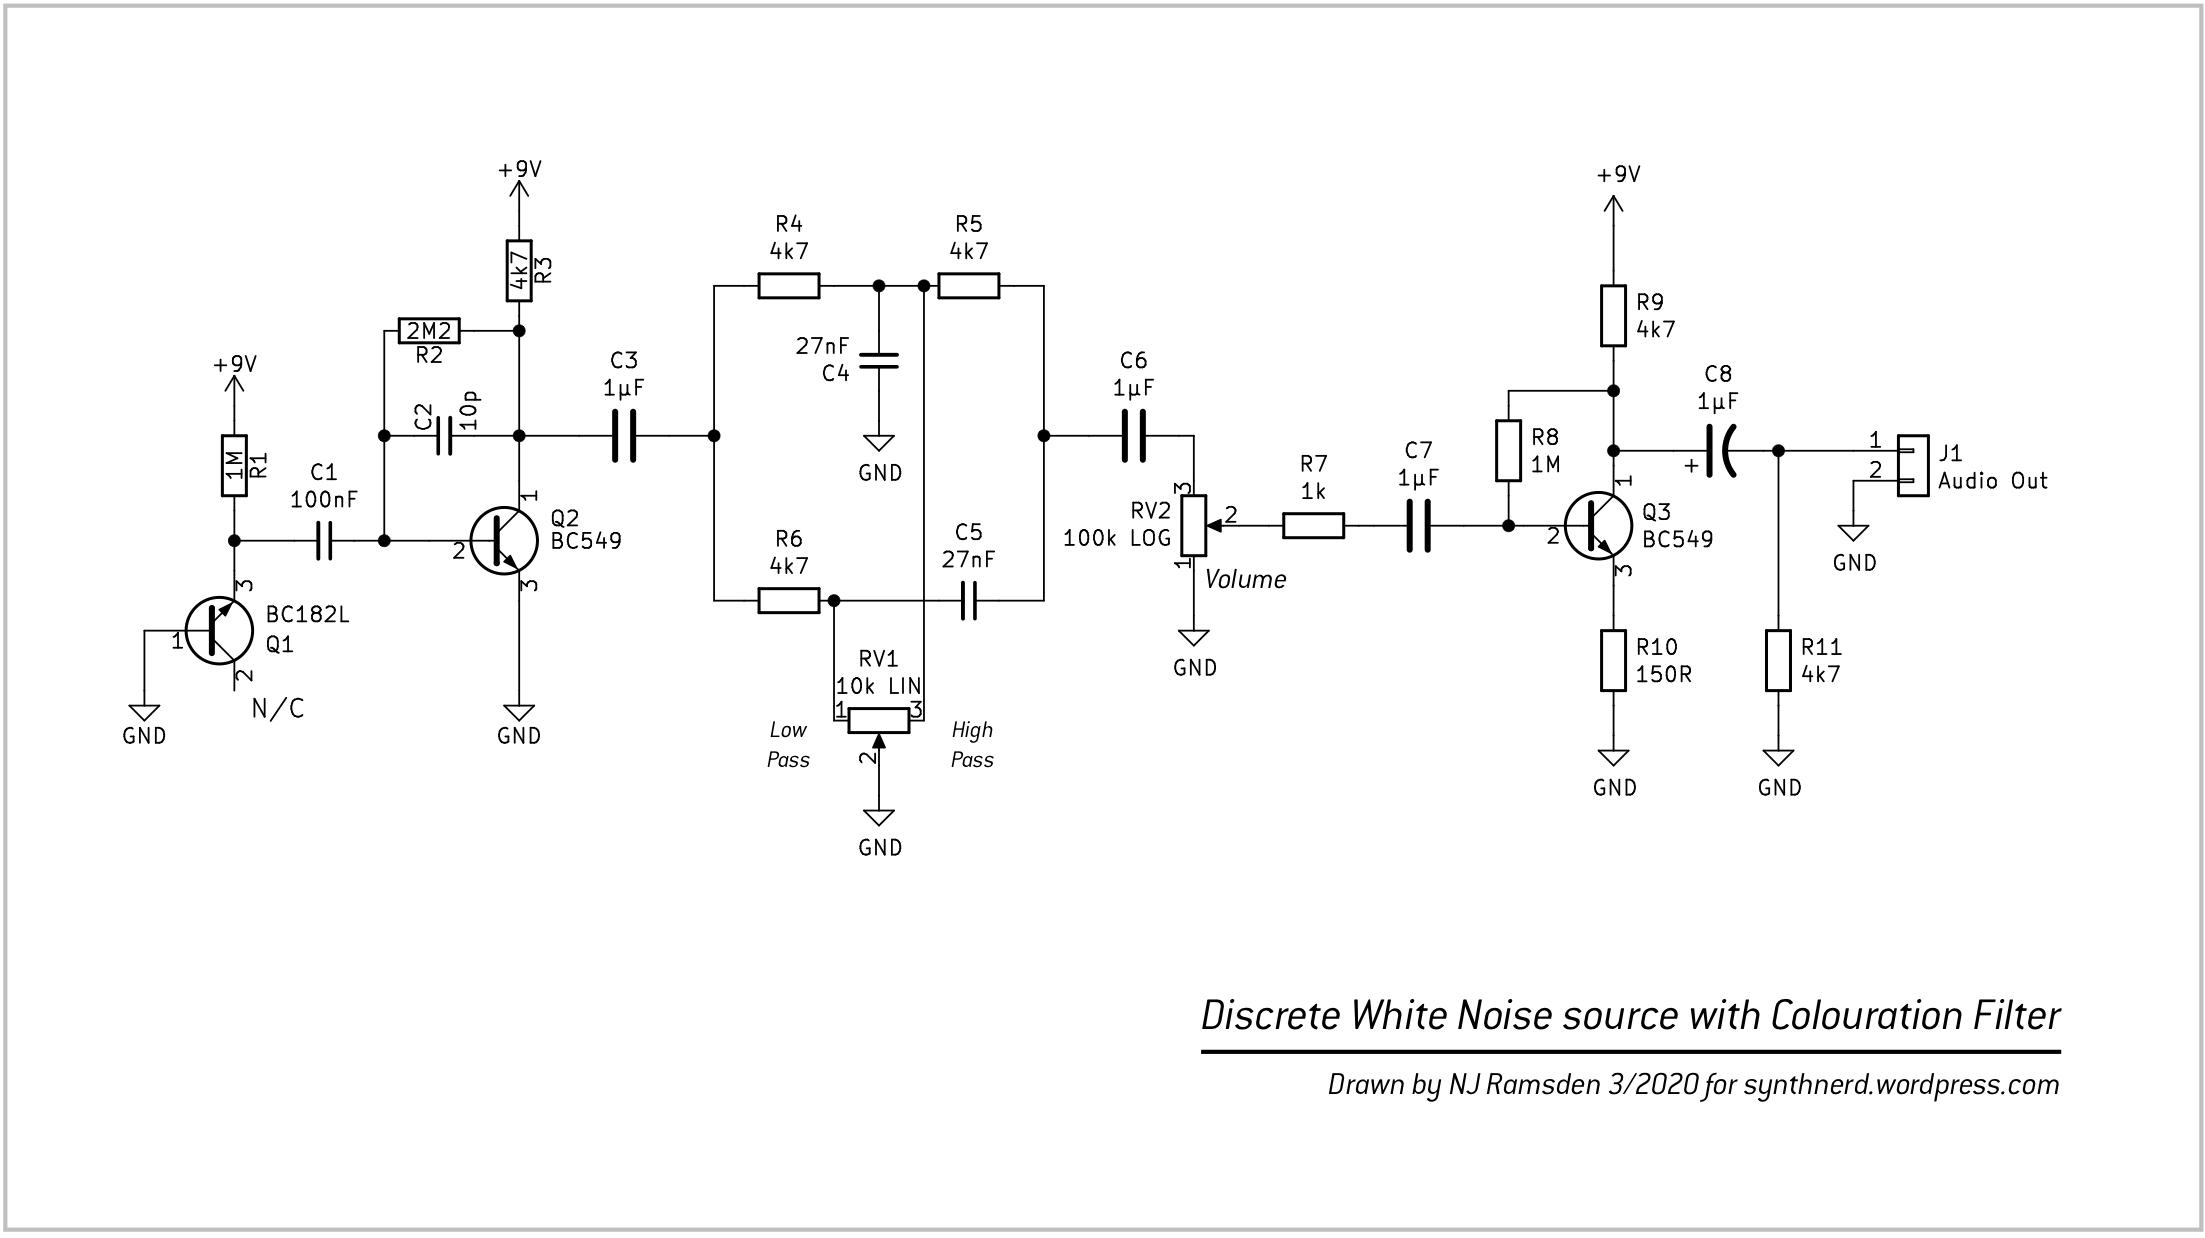 Discrete white noise generator schematic